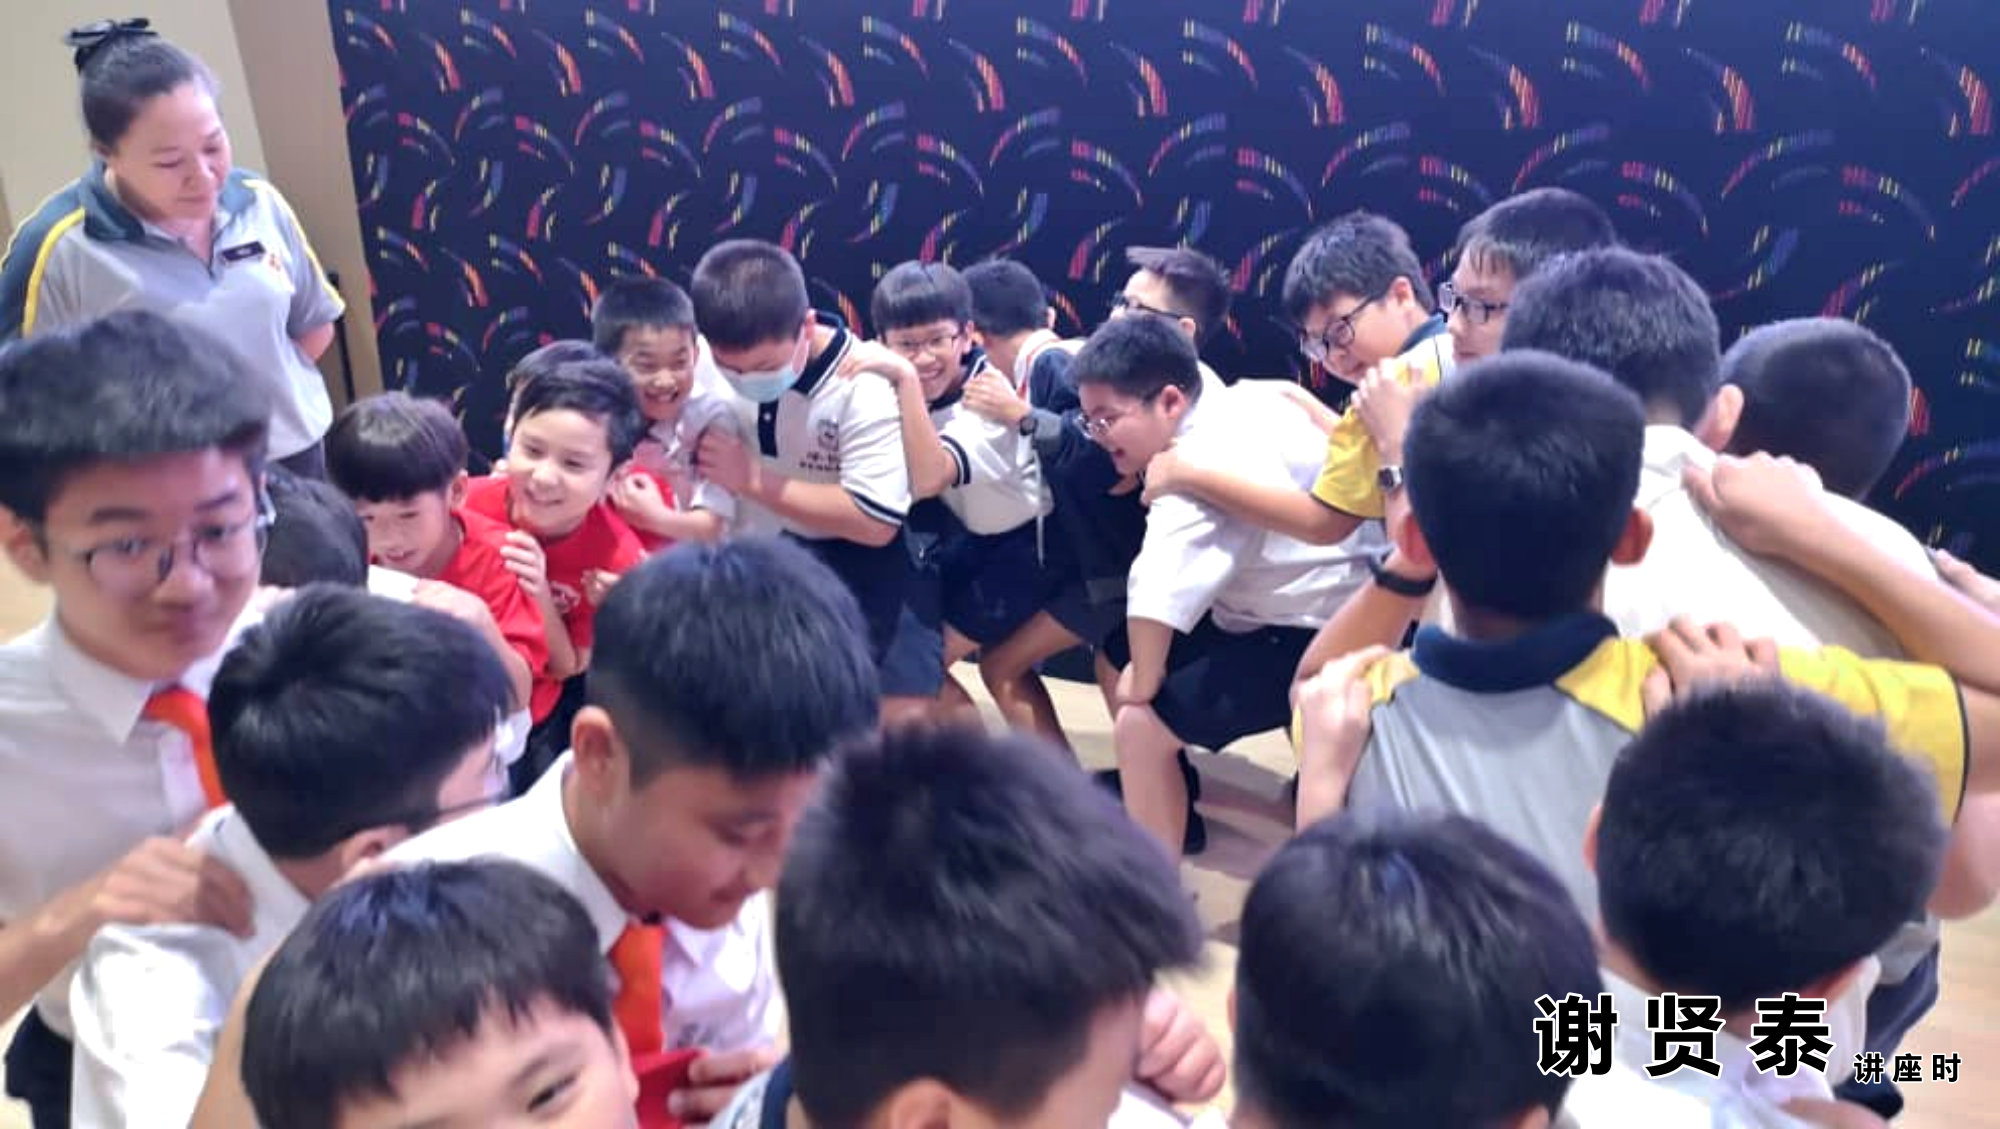 谢贤泰 新山宽柔一小 成为团队领袖 Be A Team Leader 2020小领袖培训营 麻坡小学领袖培训 新山小学培训 A022